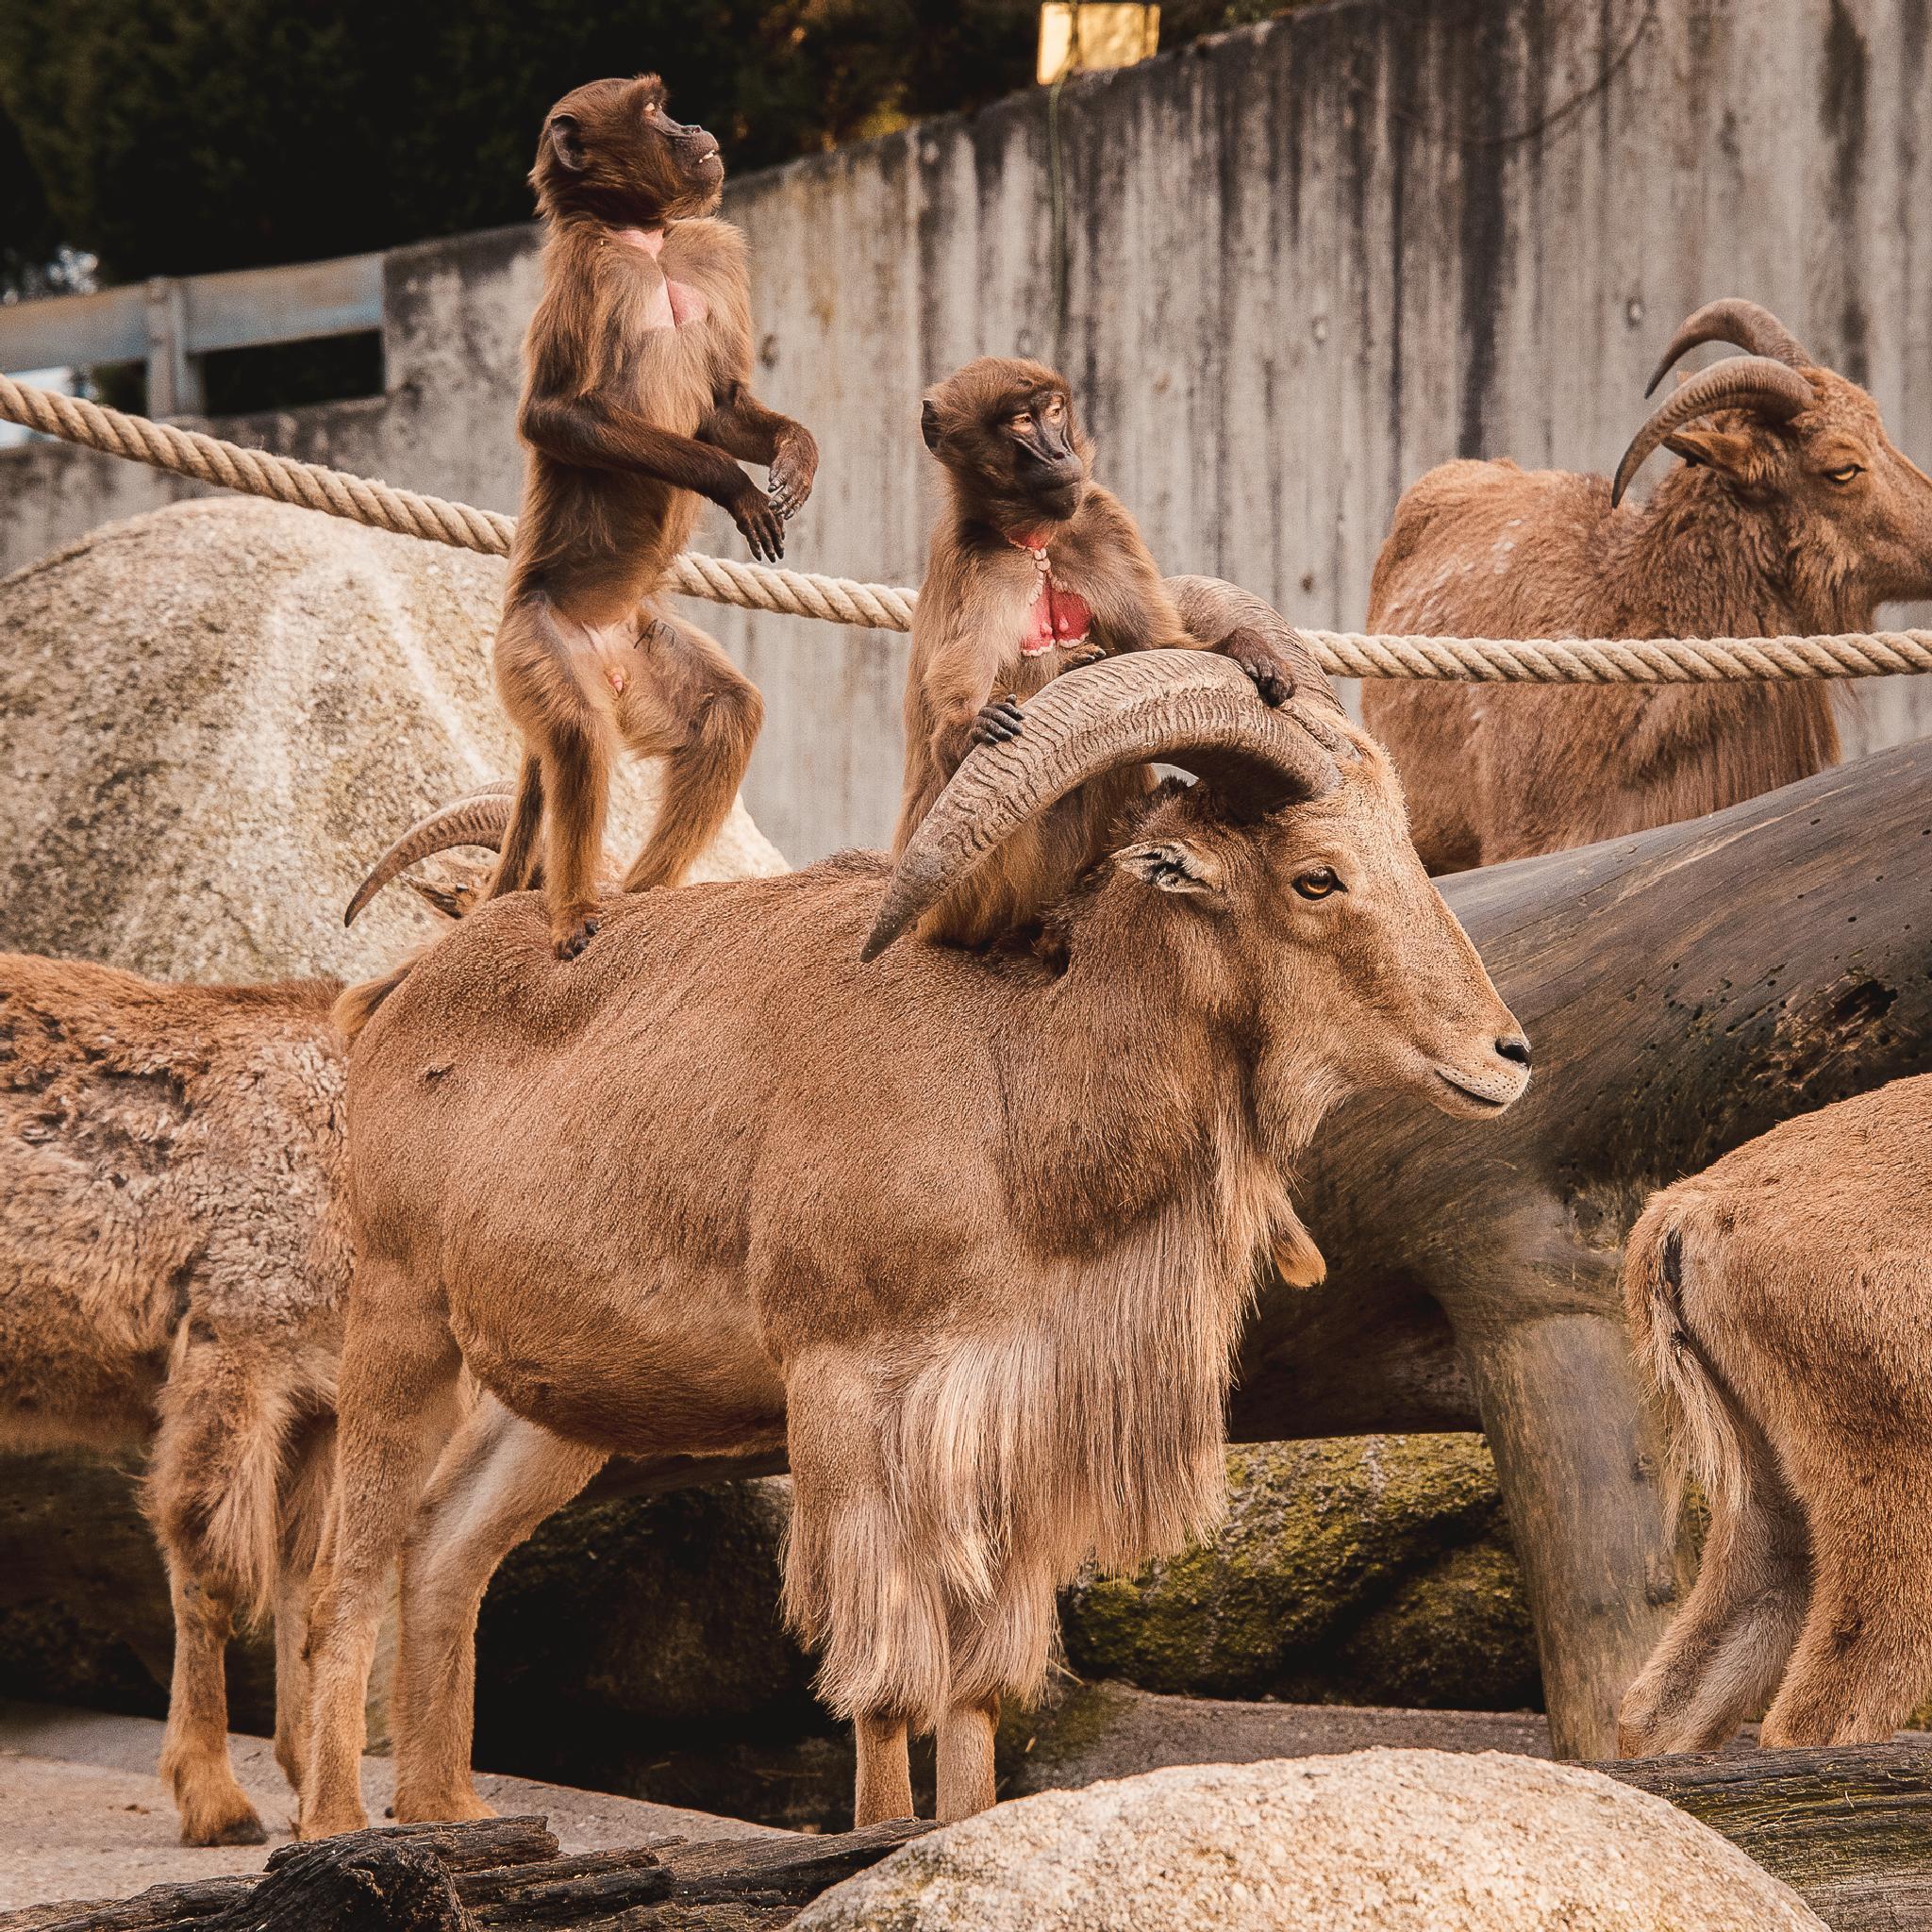 Monkeys and goats by Oleksiy Shuman